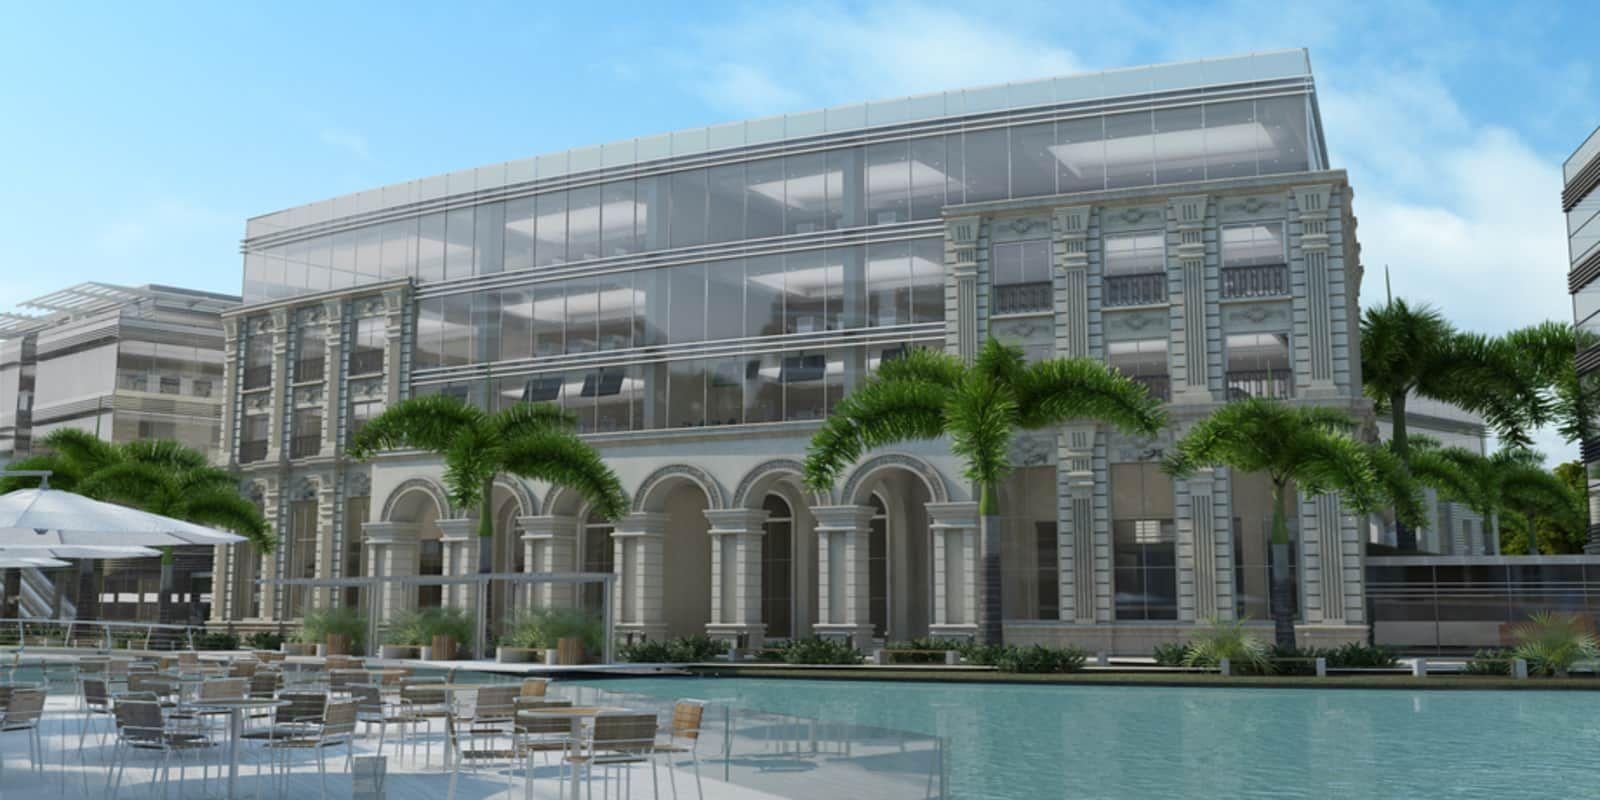 امتلك مكاتب للبيع بالتجمع مع بي تو بي من افضل شركات الاستثمار العقارى فى مصر بي تو بي للأستثمار والتسويق العقاري بتختارلك احدث مك House Styles Mansions House